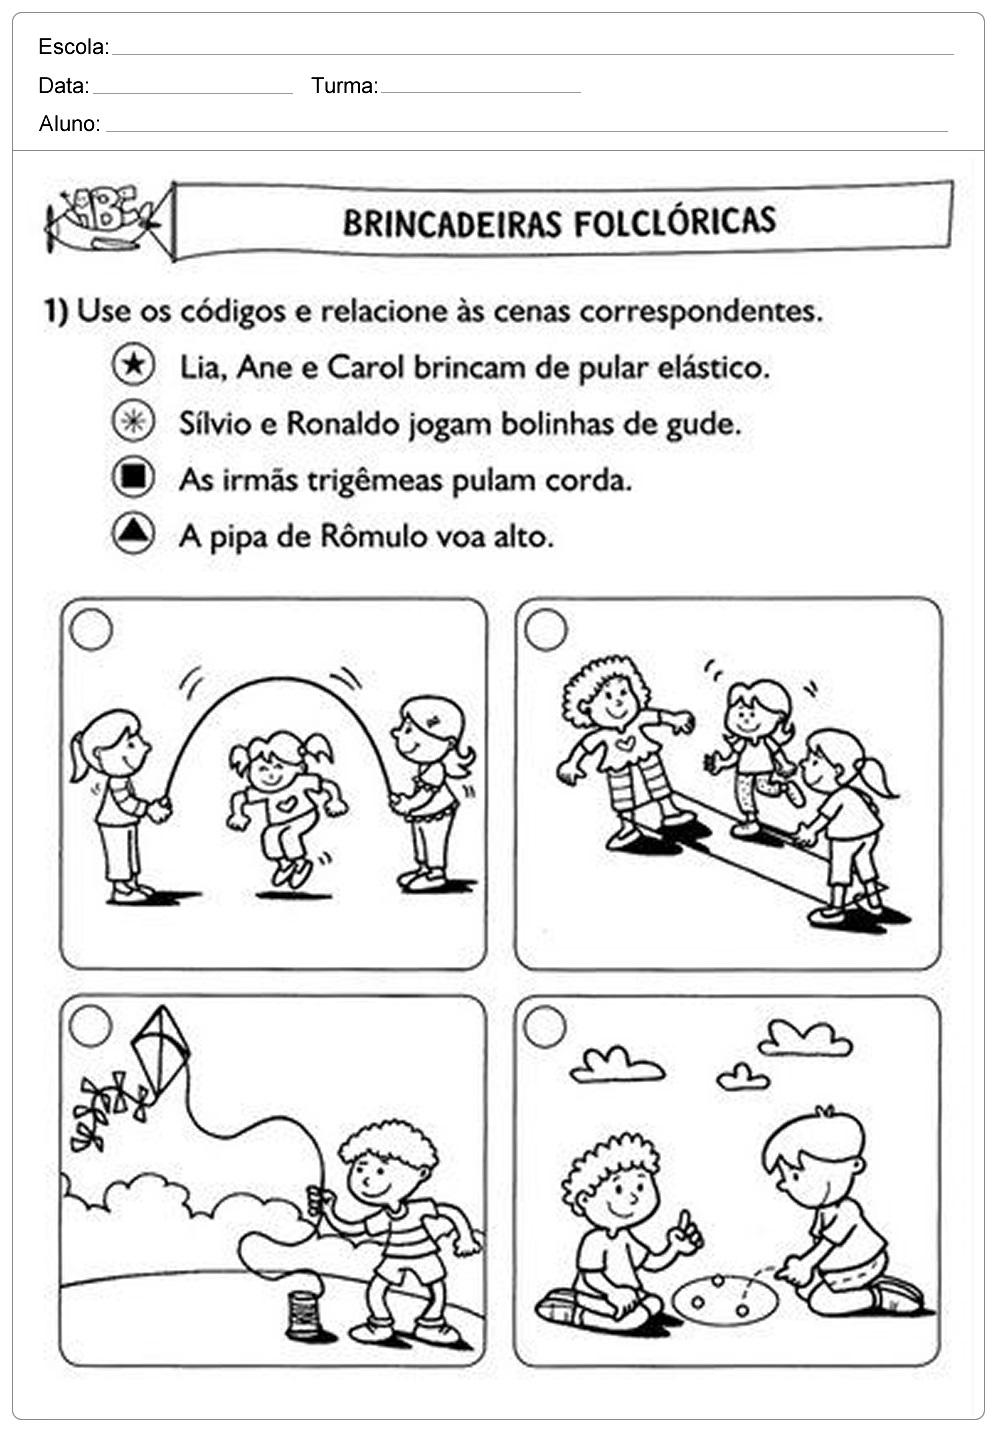 atividades-de-portugues-2-ano-brincadeiras-folcloricas